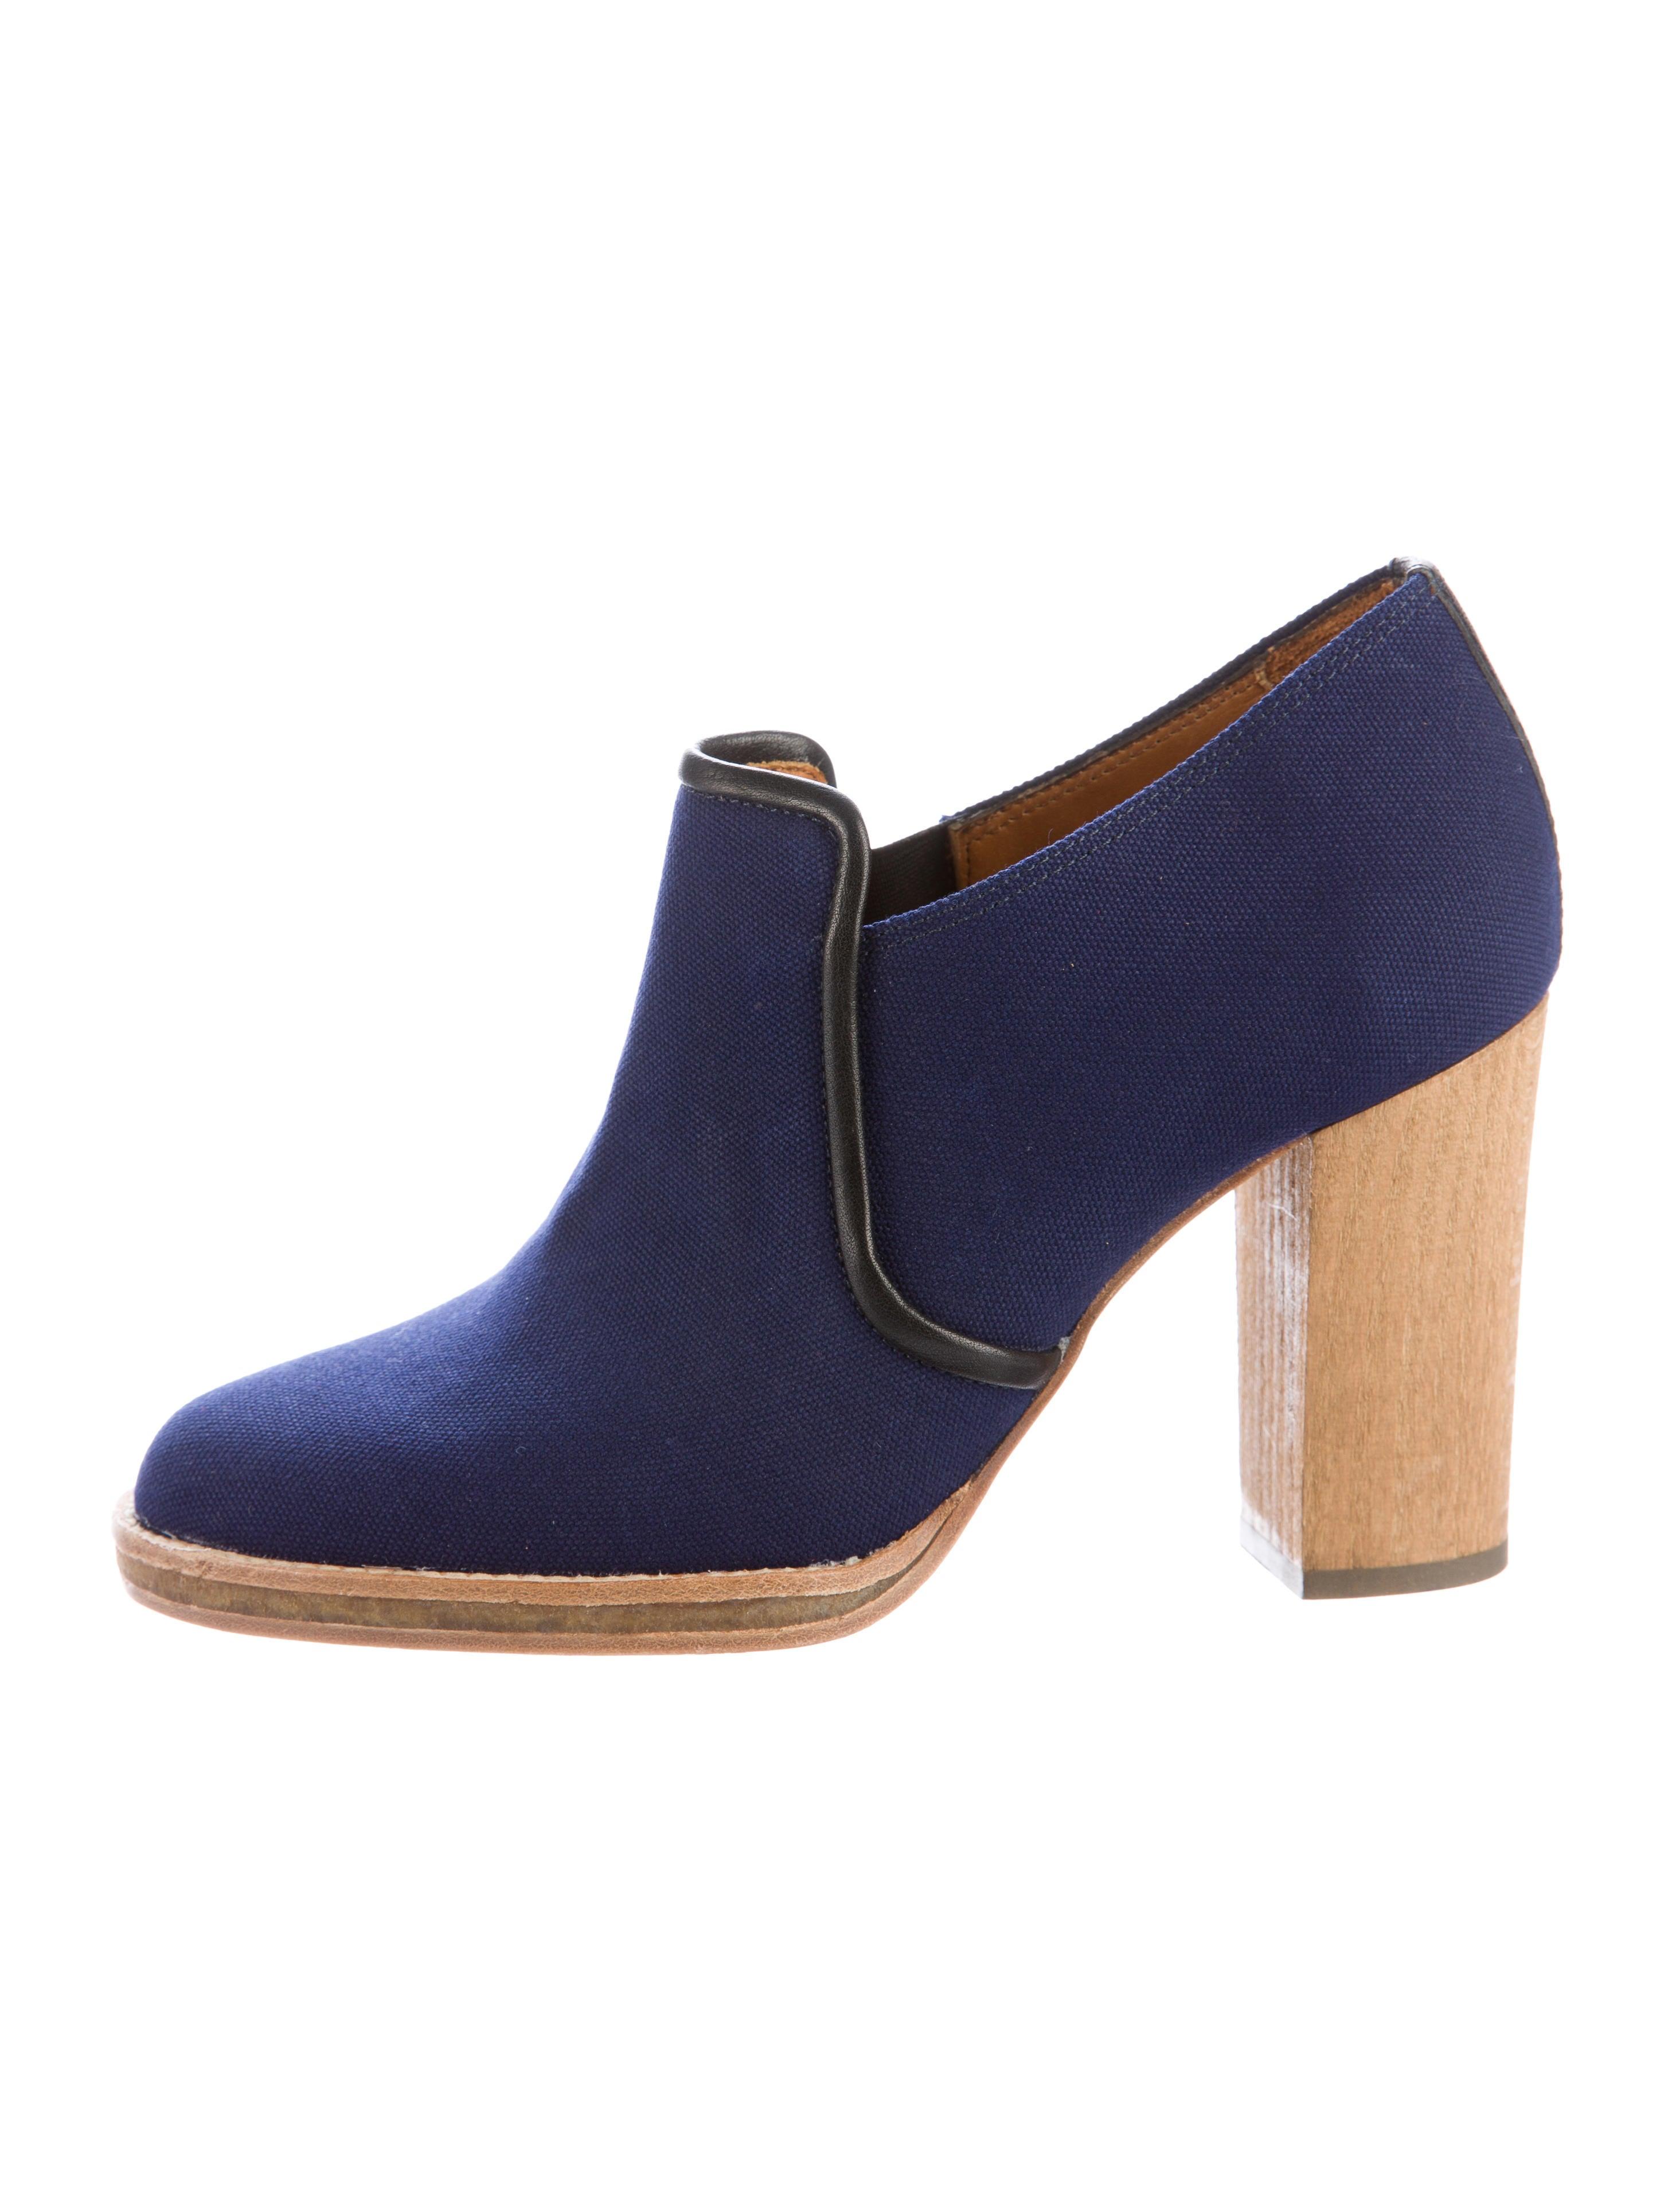 marant clarisse canvas ankle boots shoes